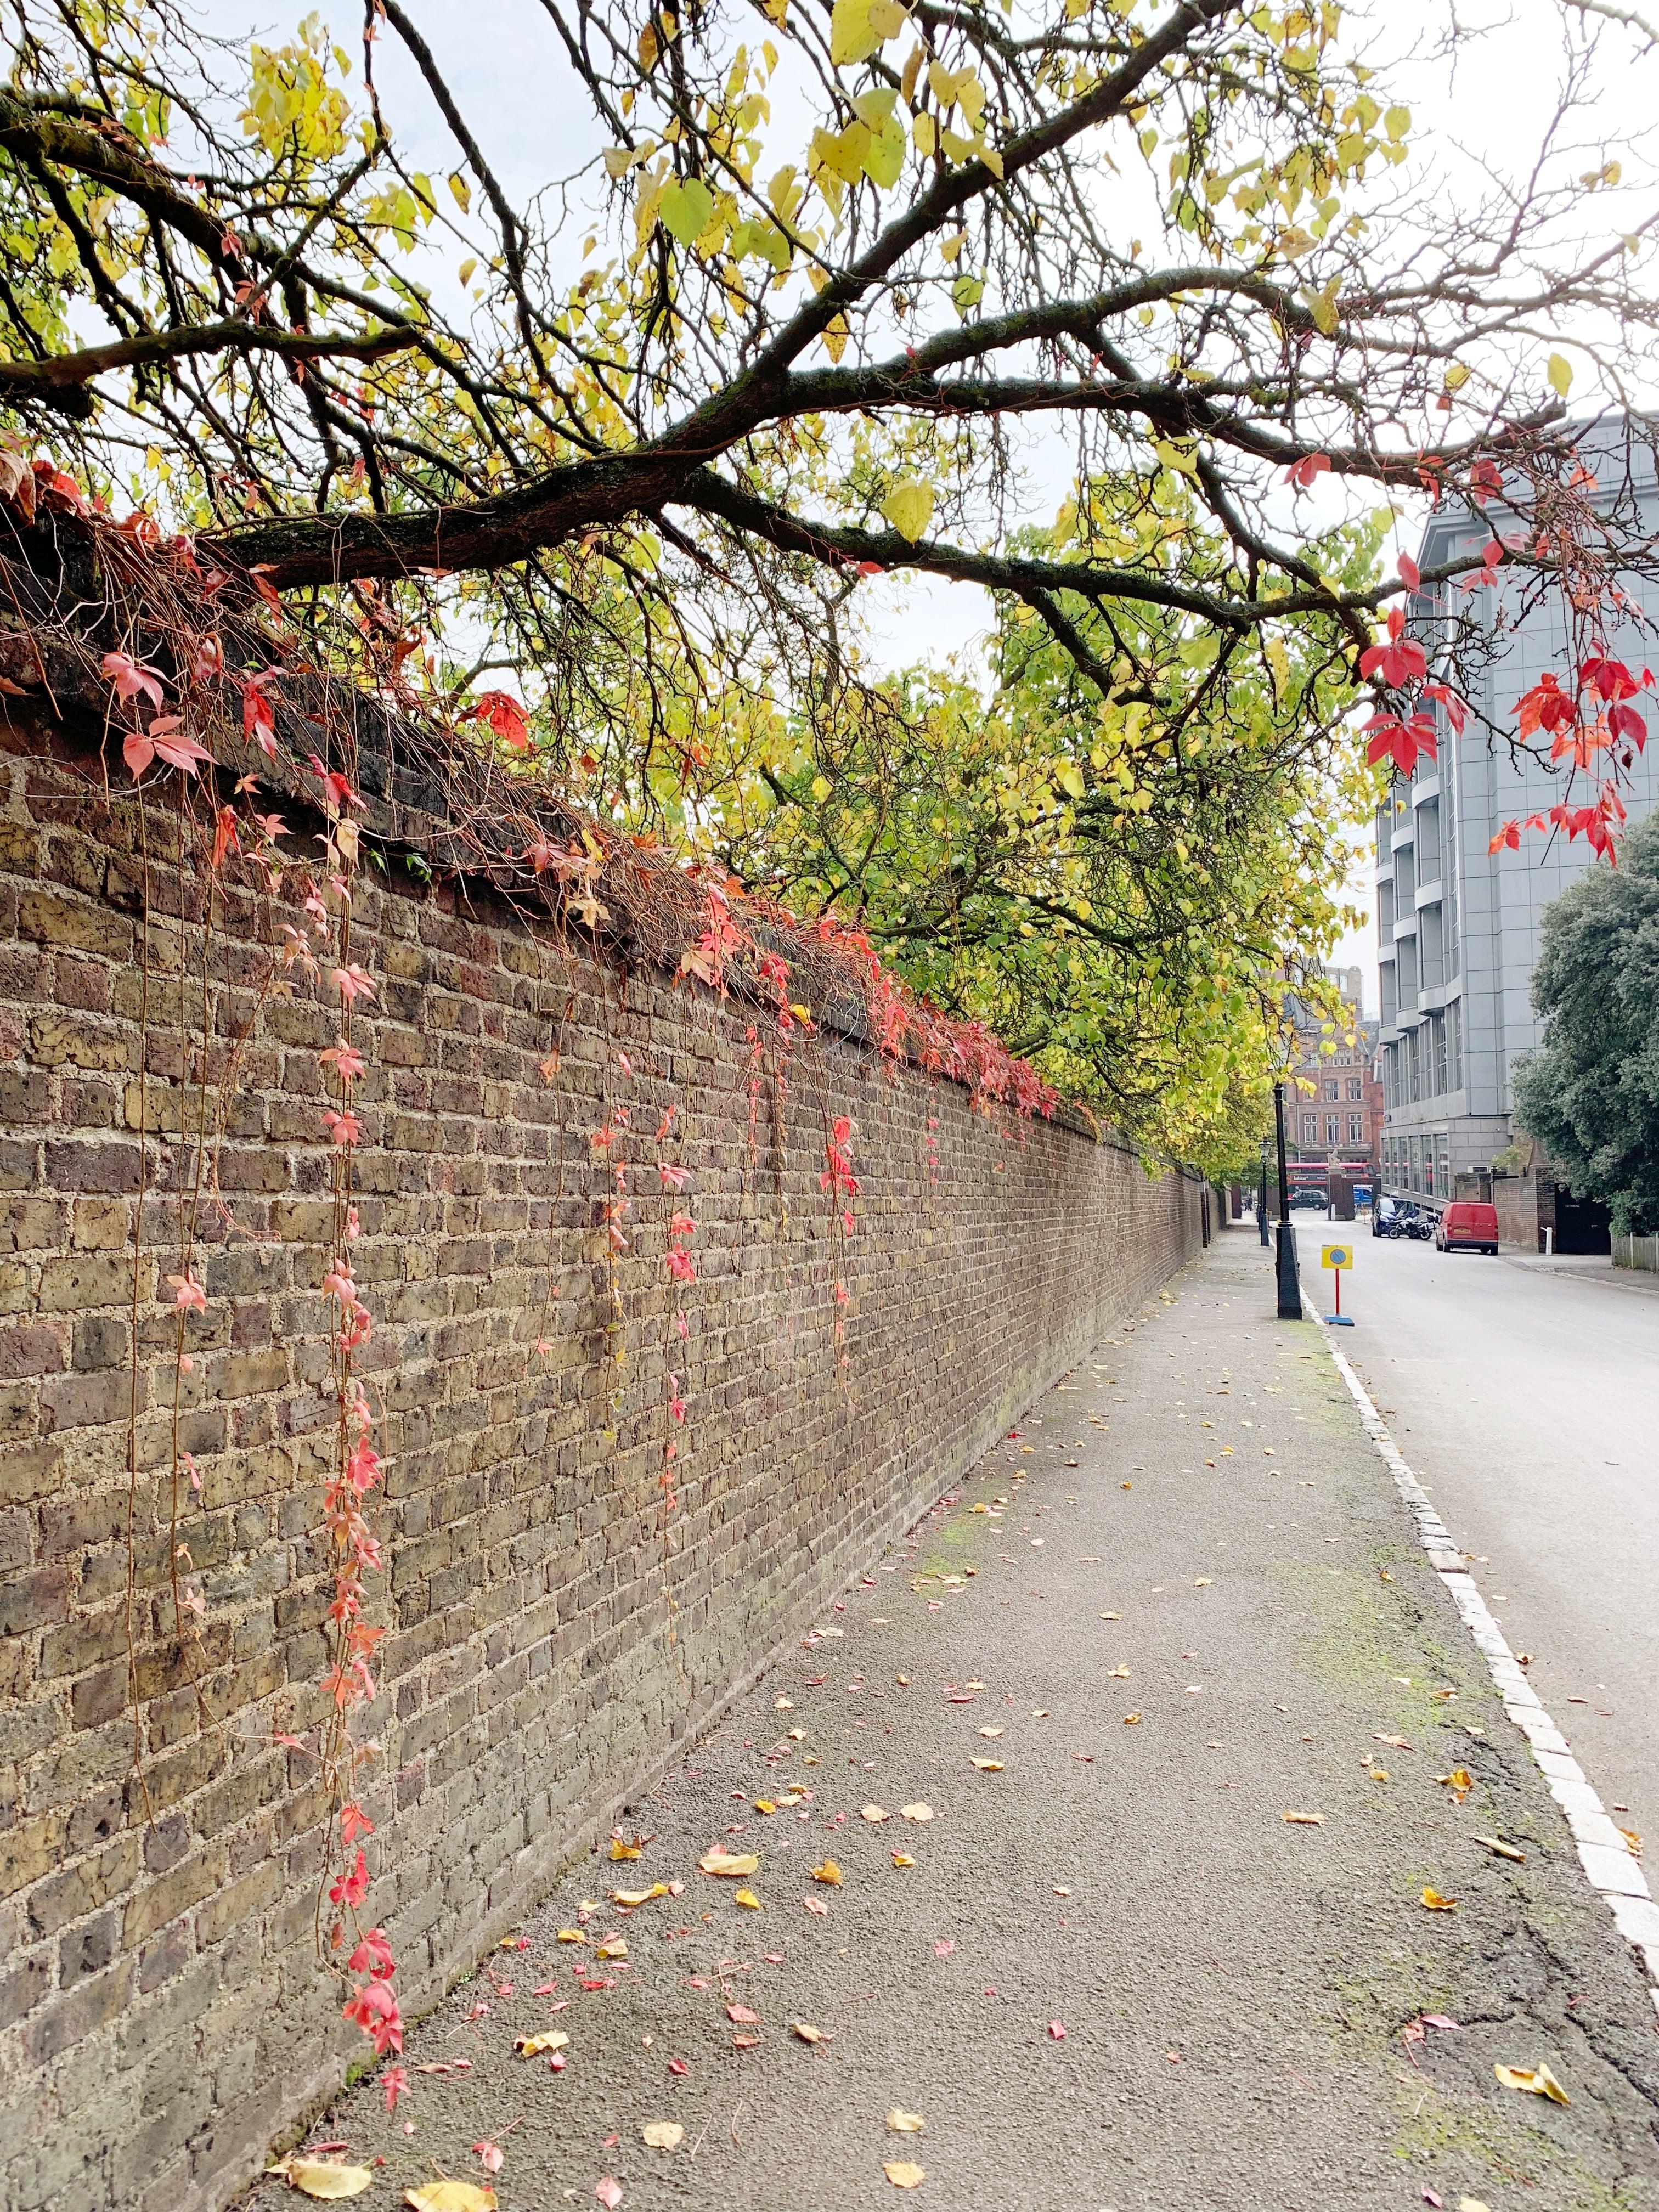 Fall foliage in London